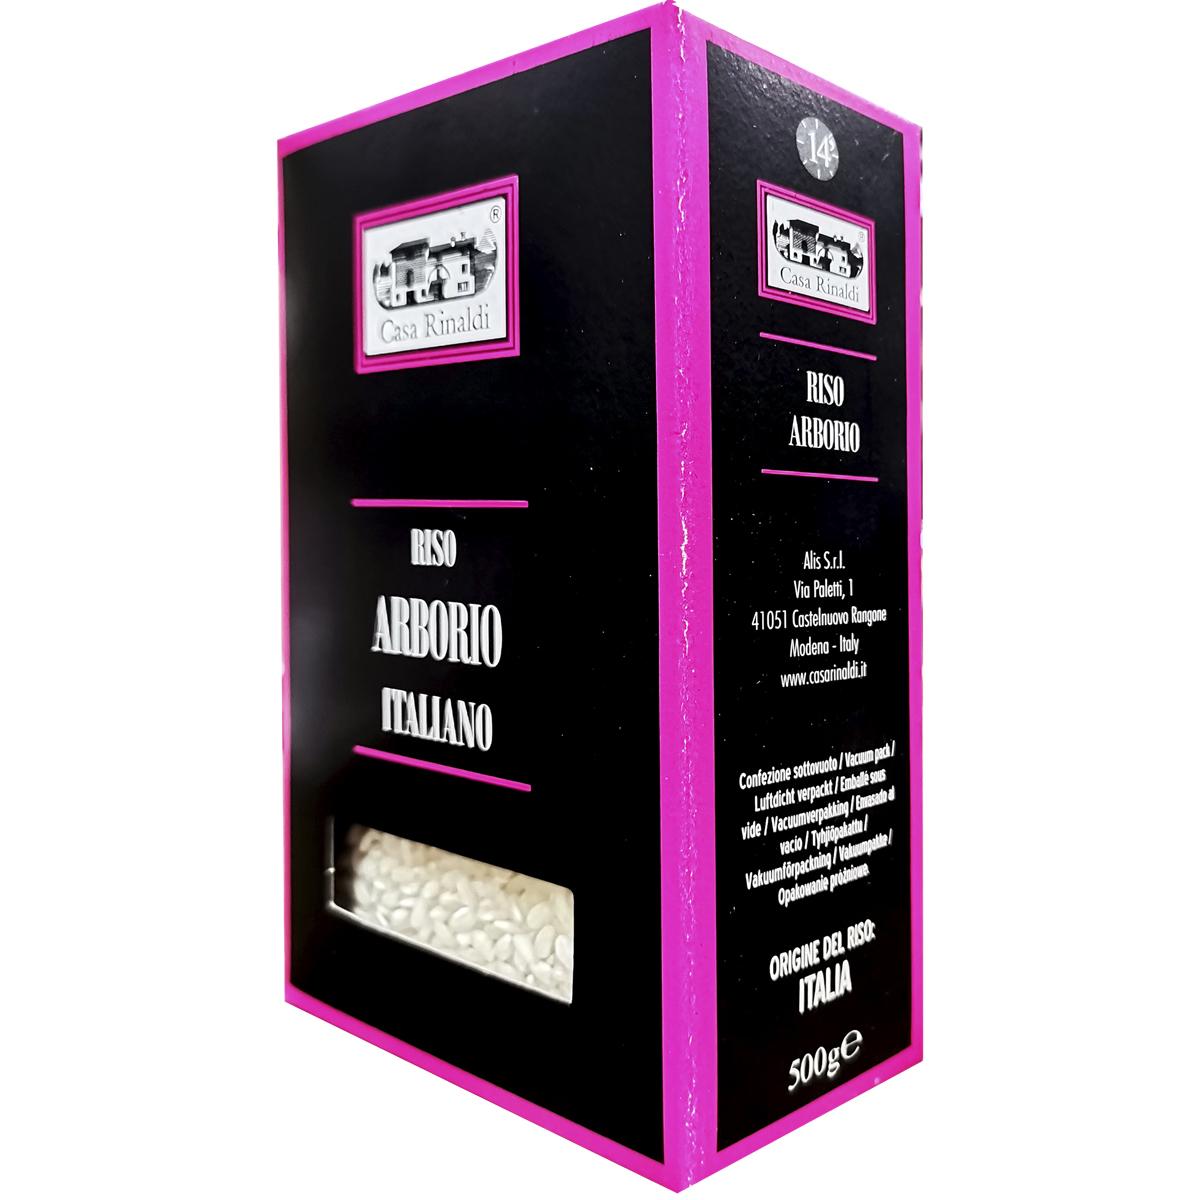 Рис Casa Rinaldi среднезёрный обрушенный не полированный Арборио 500 гр